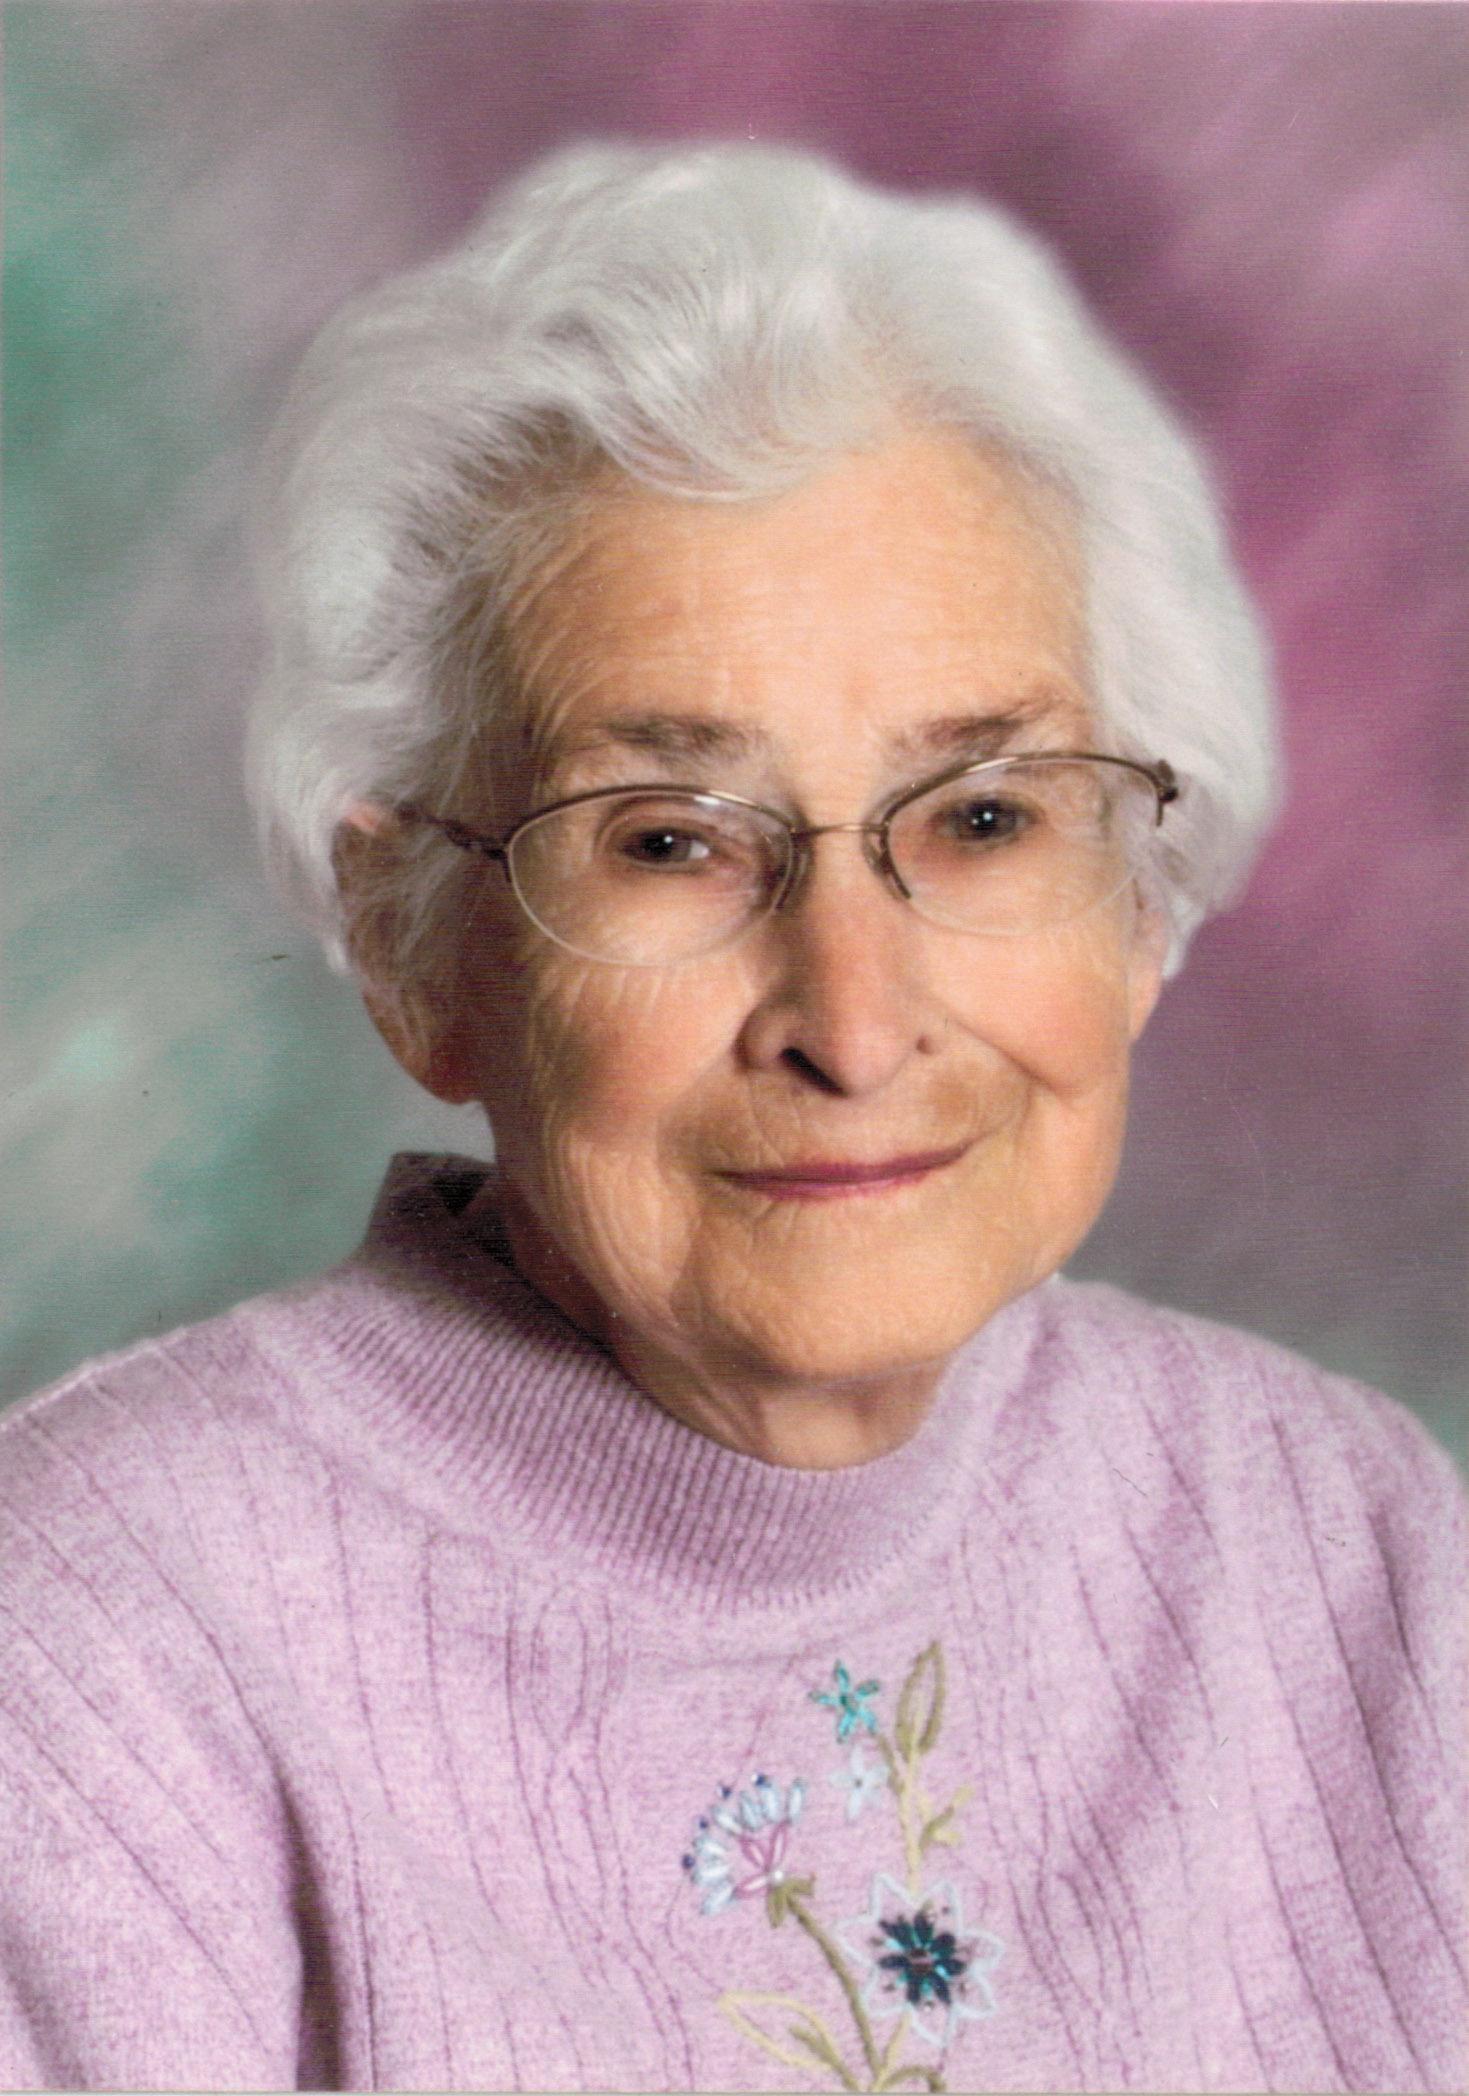 Anderson Stevenson Wilke Funeral irene burns, age 95 of white sulphur springs